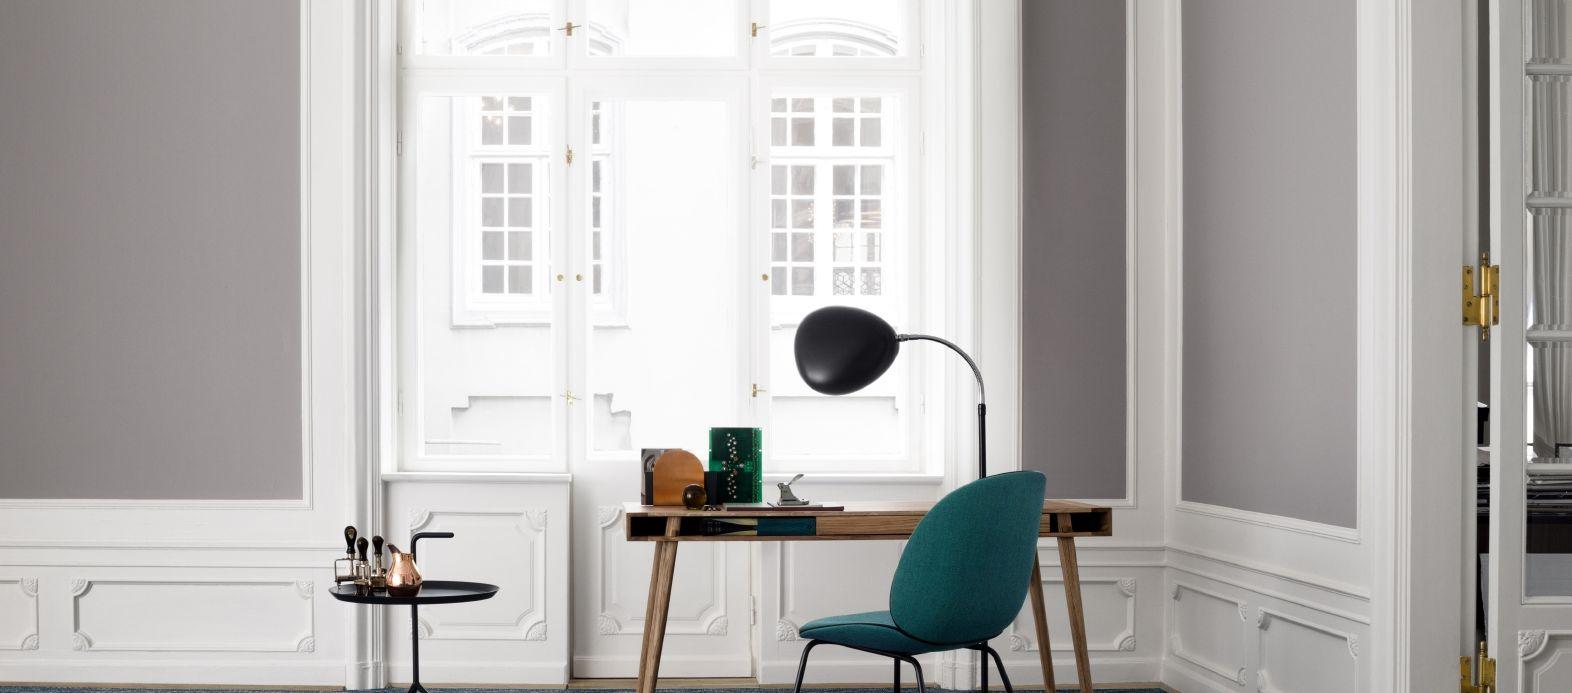 Leal Interiorismo y Diseño